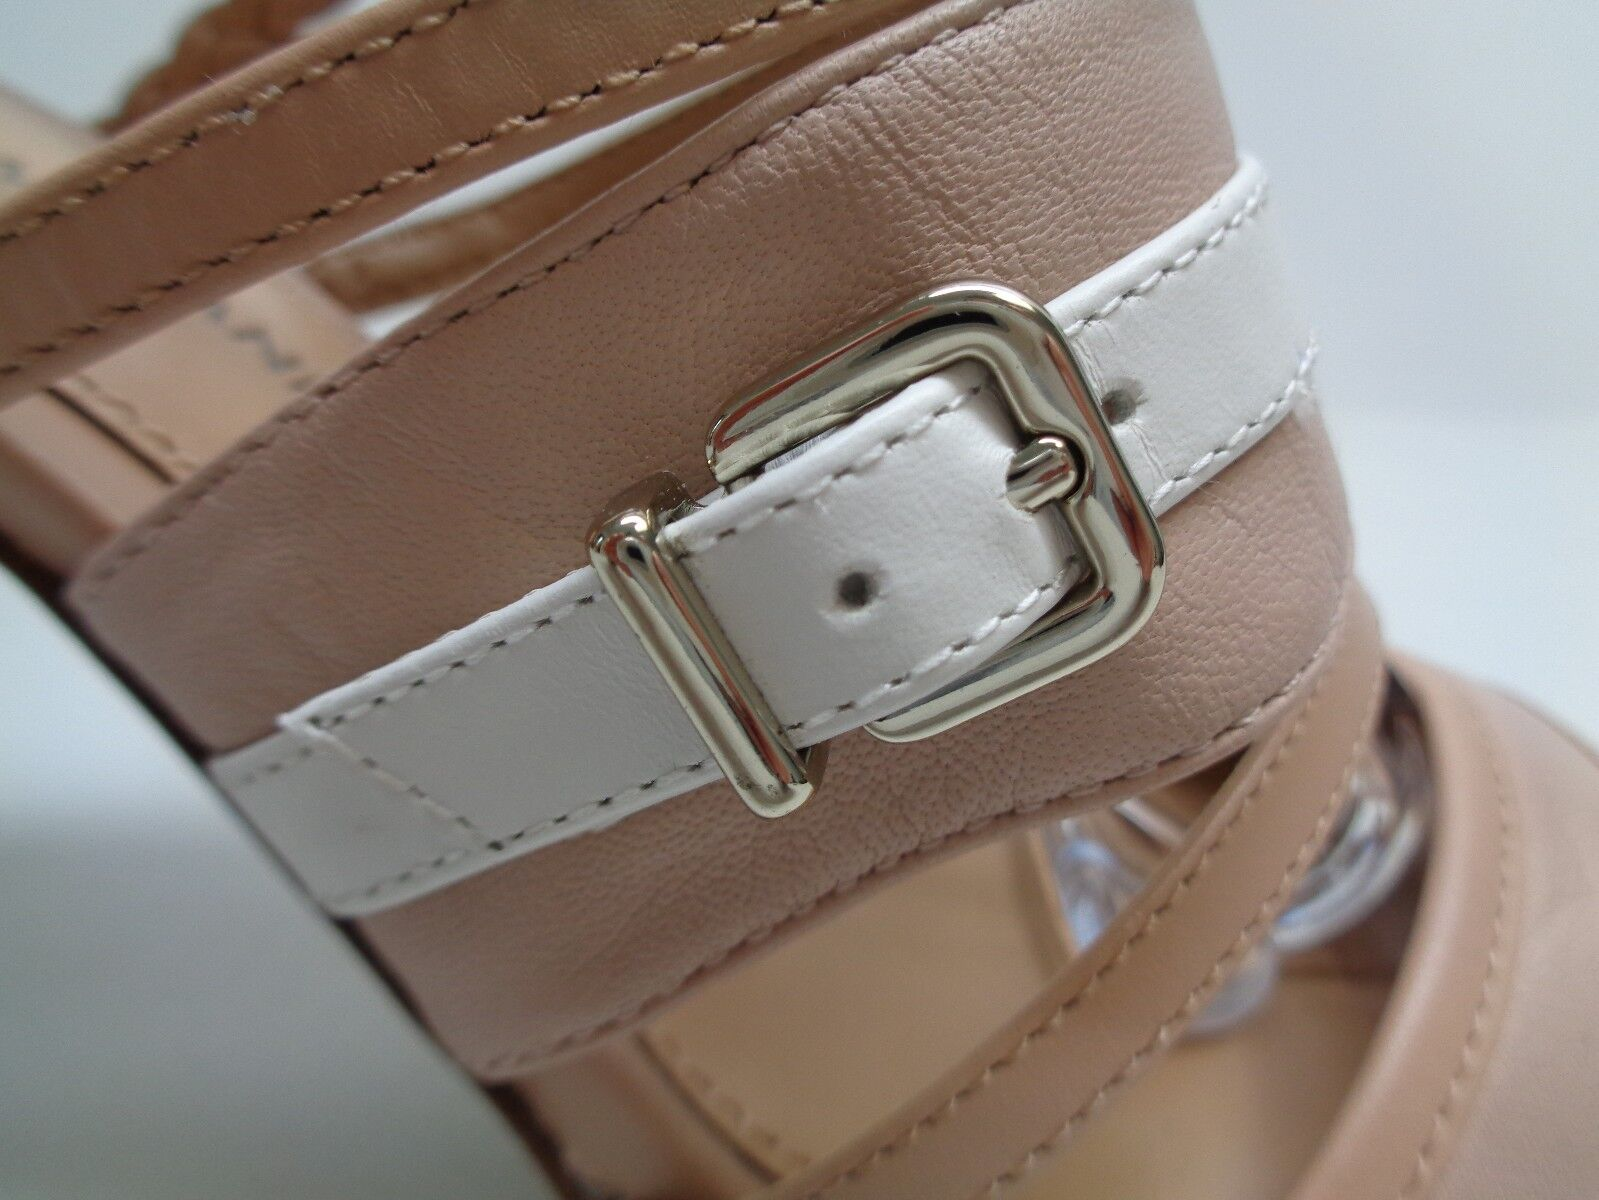 Antonio Melani Größe 8.5 M Beige Tan WEISS Leder Heels Sandales NEU Damenschuhe Schuhes